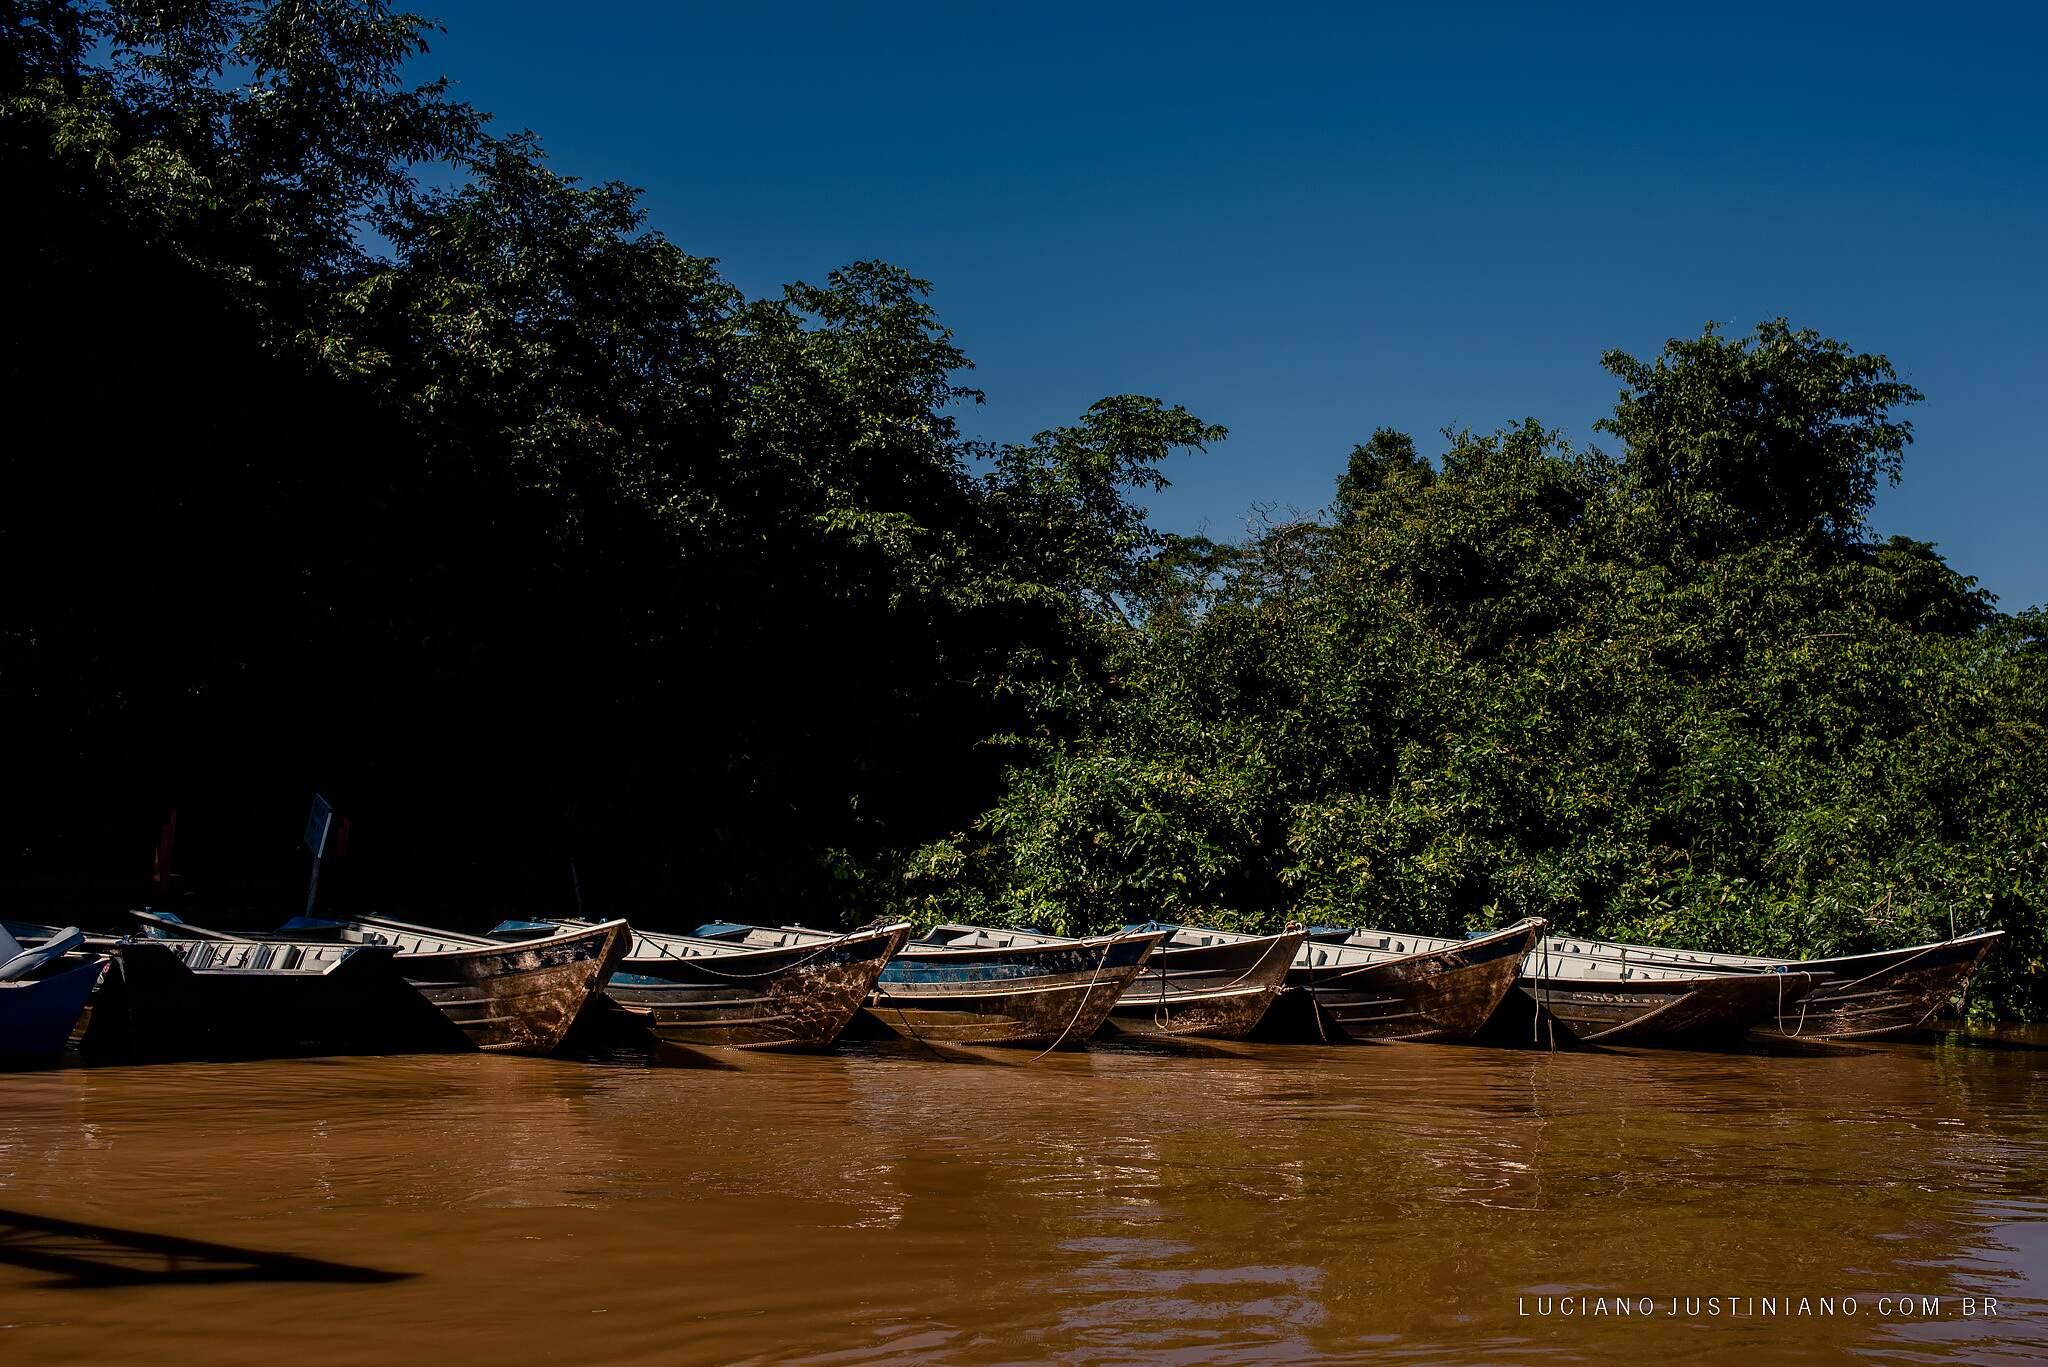 Assistência chega de barco até as comunidades. (Foto: Luciano Justiniano)